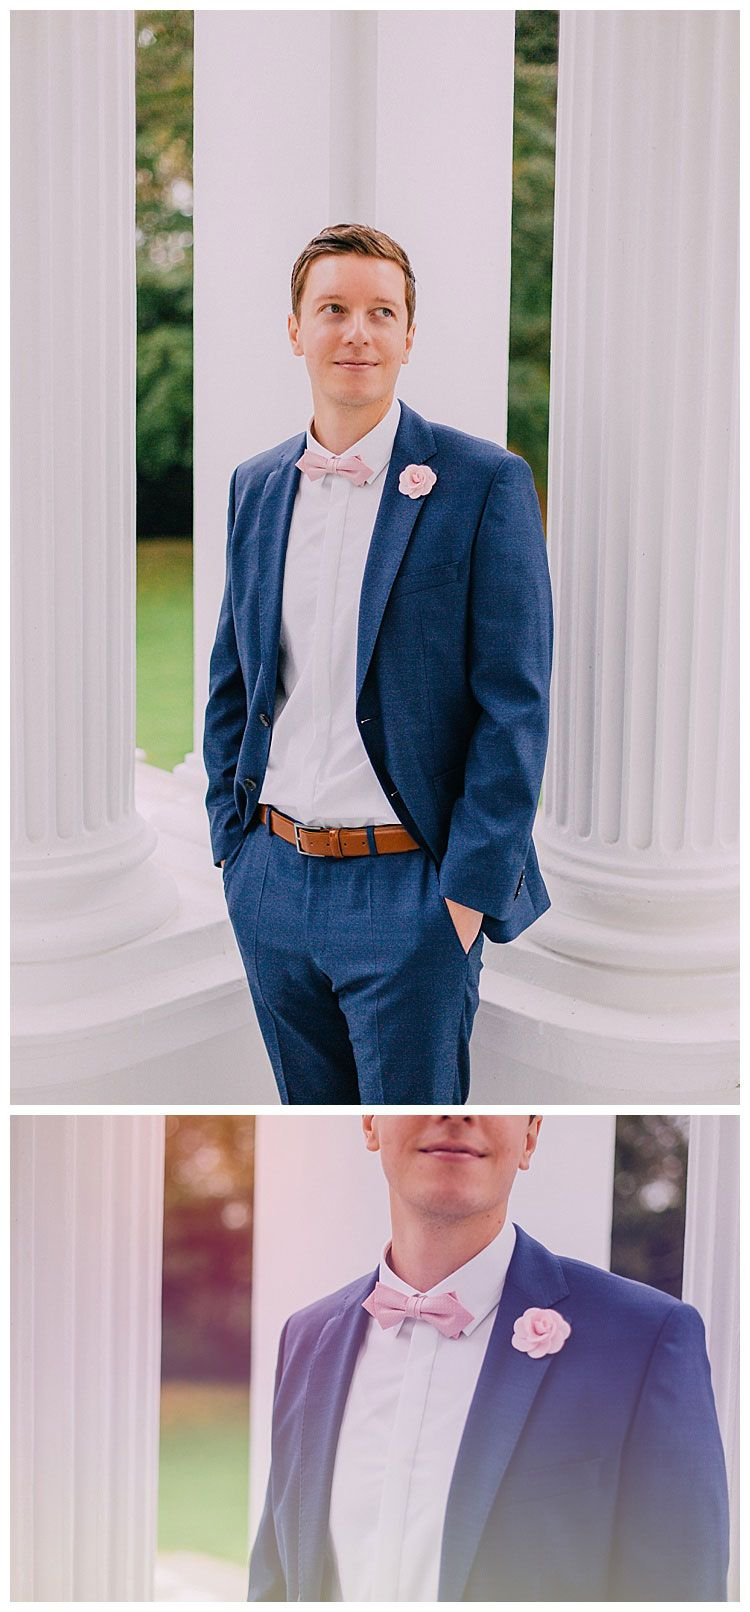 Standesamtliche Trauung Villa Hammerschmidt Aaron Ka Photography Standesamtliche Trauung Moderner Brautigam Standesamtliche Hochzeit